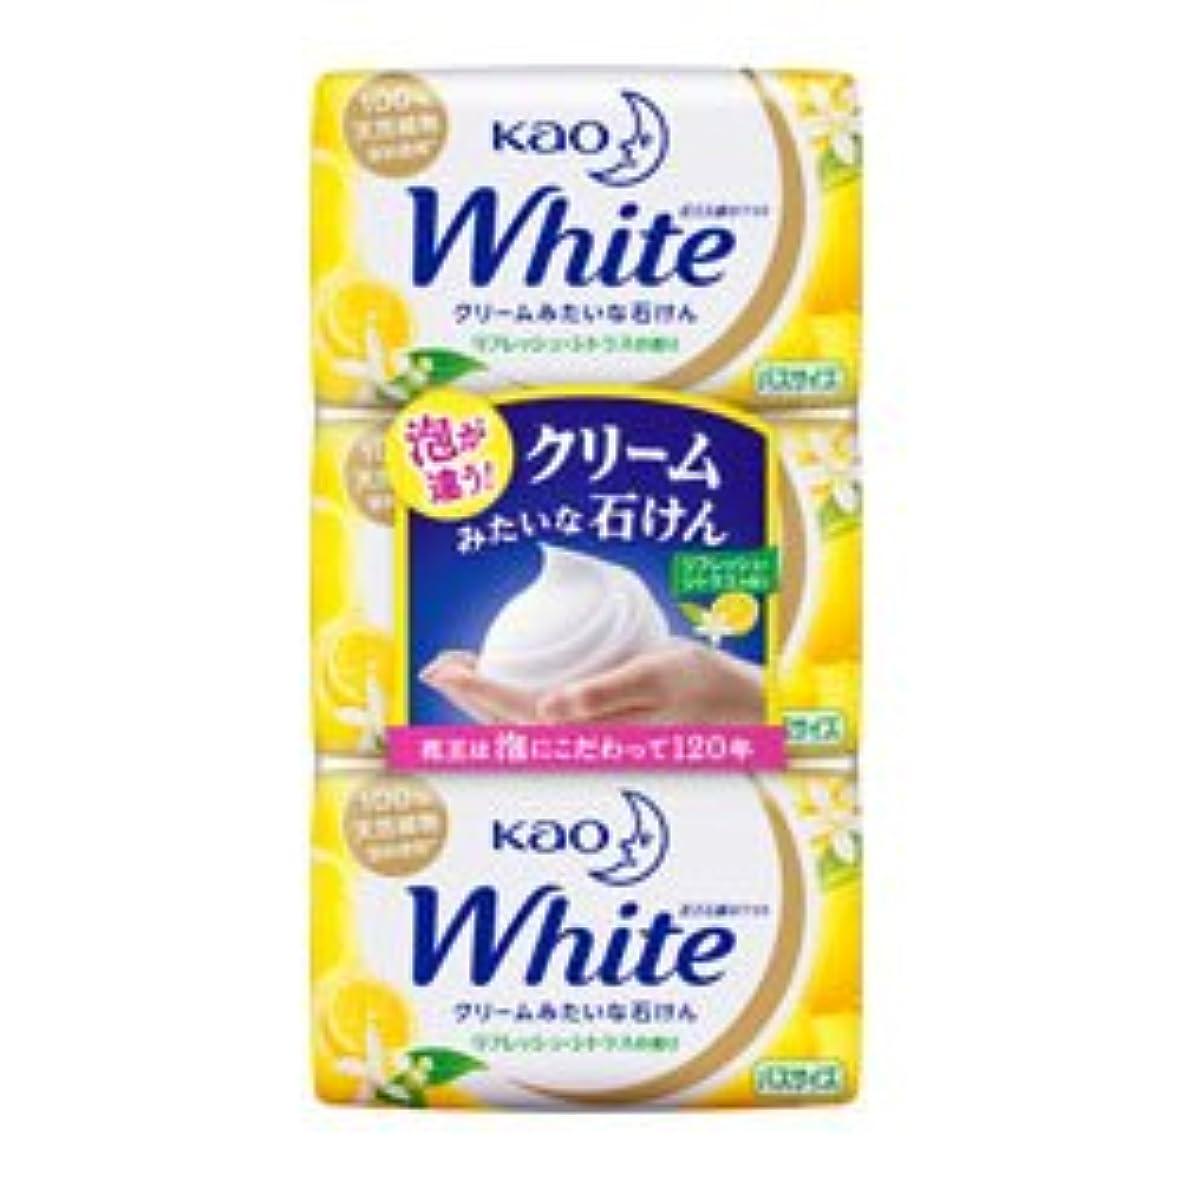 テーマ潜む日付【花王】ホワイト リフレッシュ?シトラスの香り バスサイズ 130g×3個入 ×20個セット